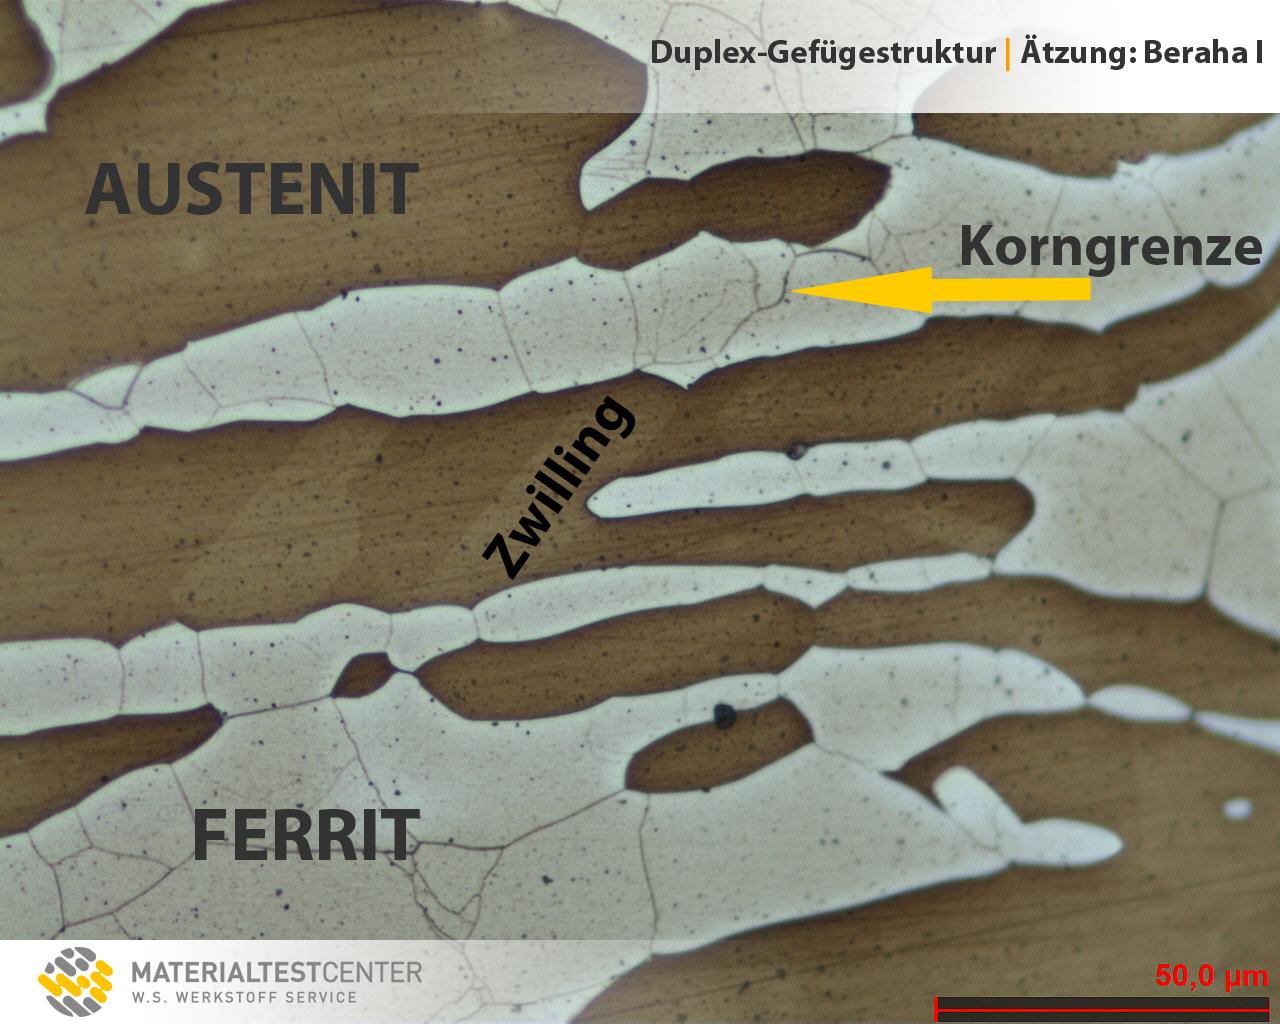 Bild: Duplex-Stahlgefüge mit Austenit, Ferrit, Zwilling und Korngrenze